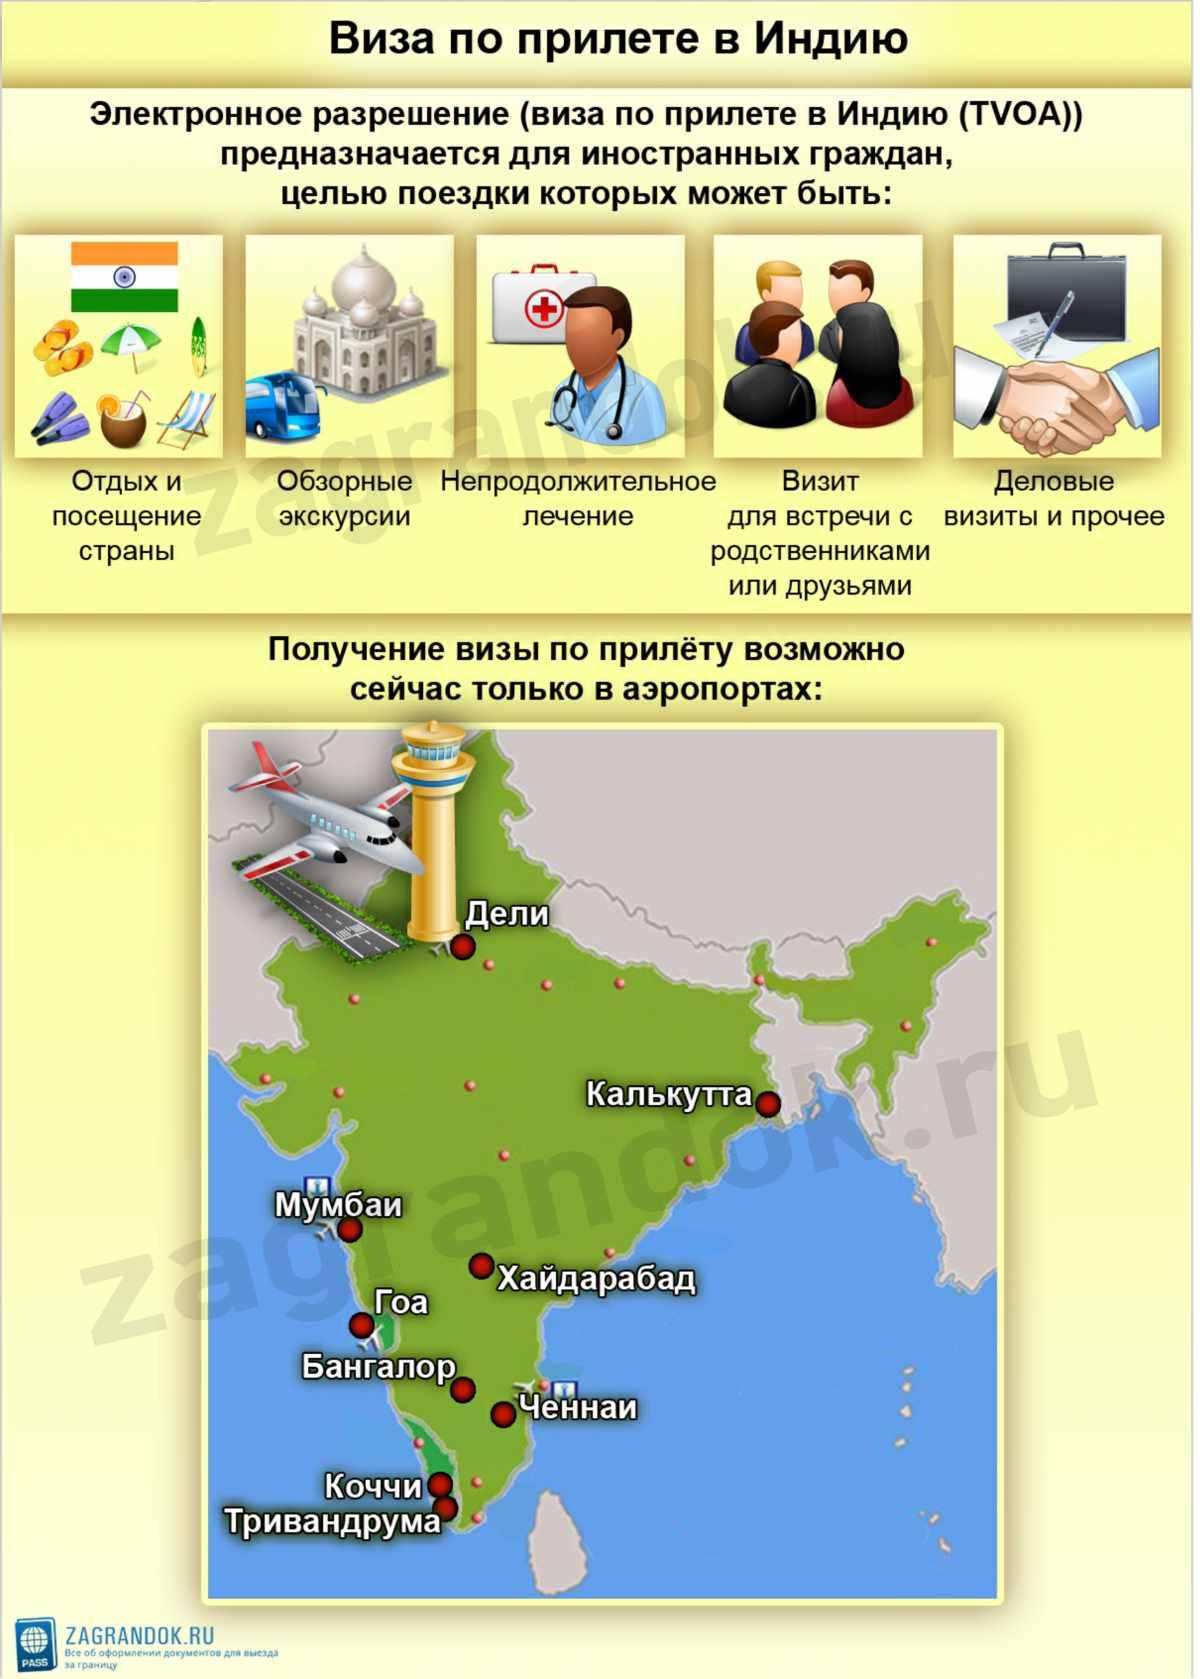 Виза по прилете в Индию